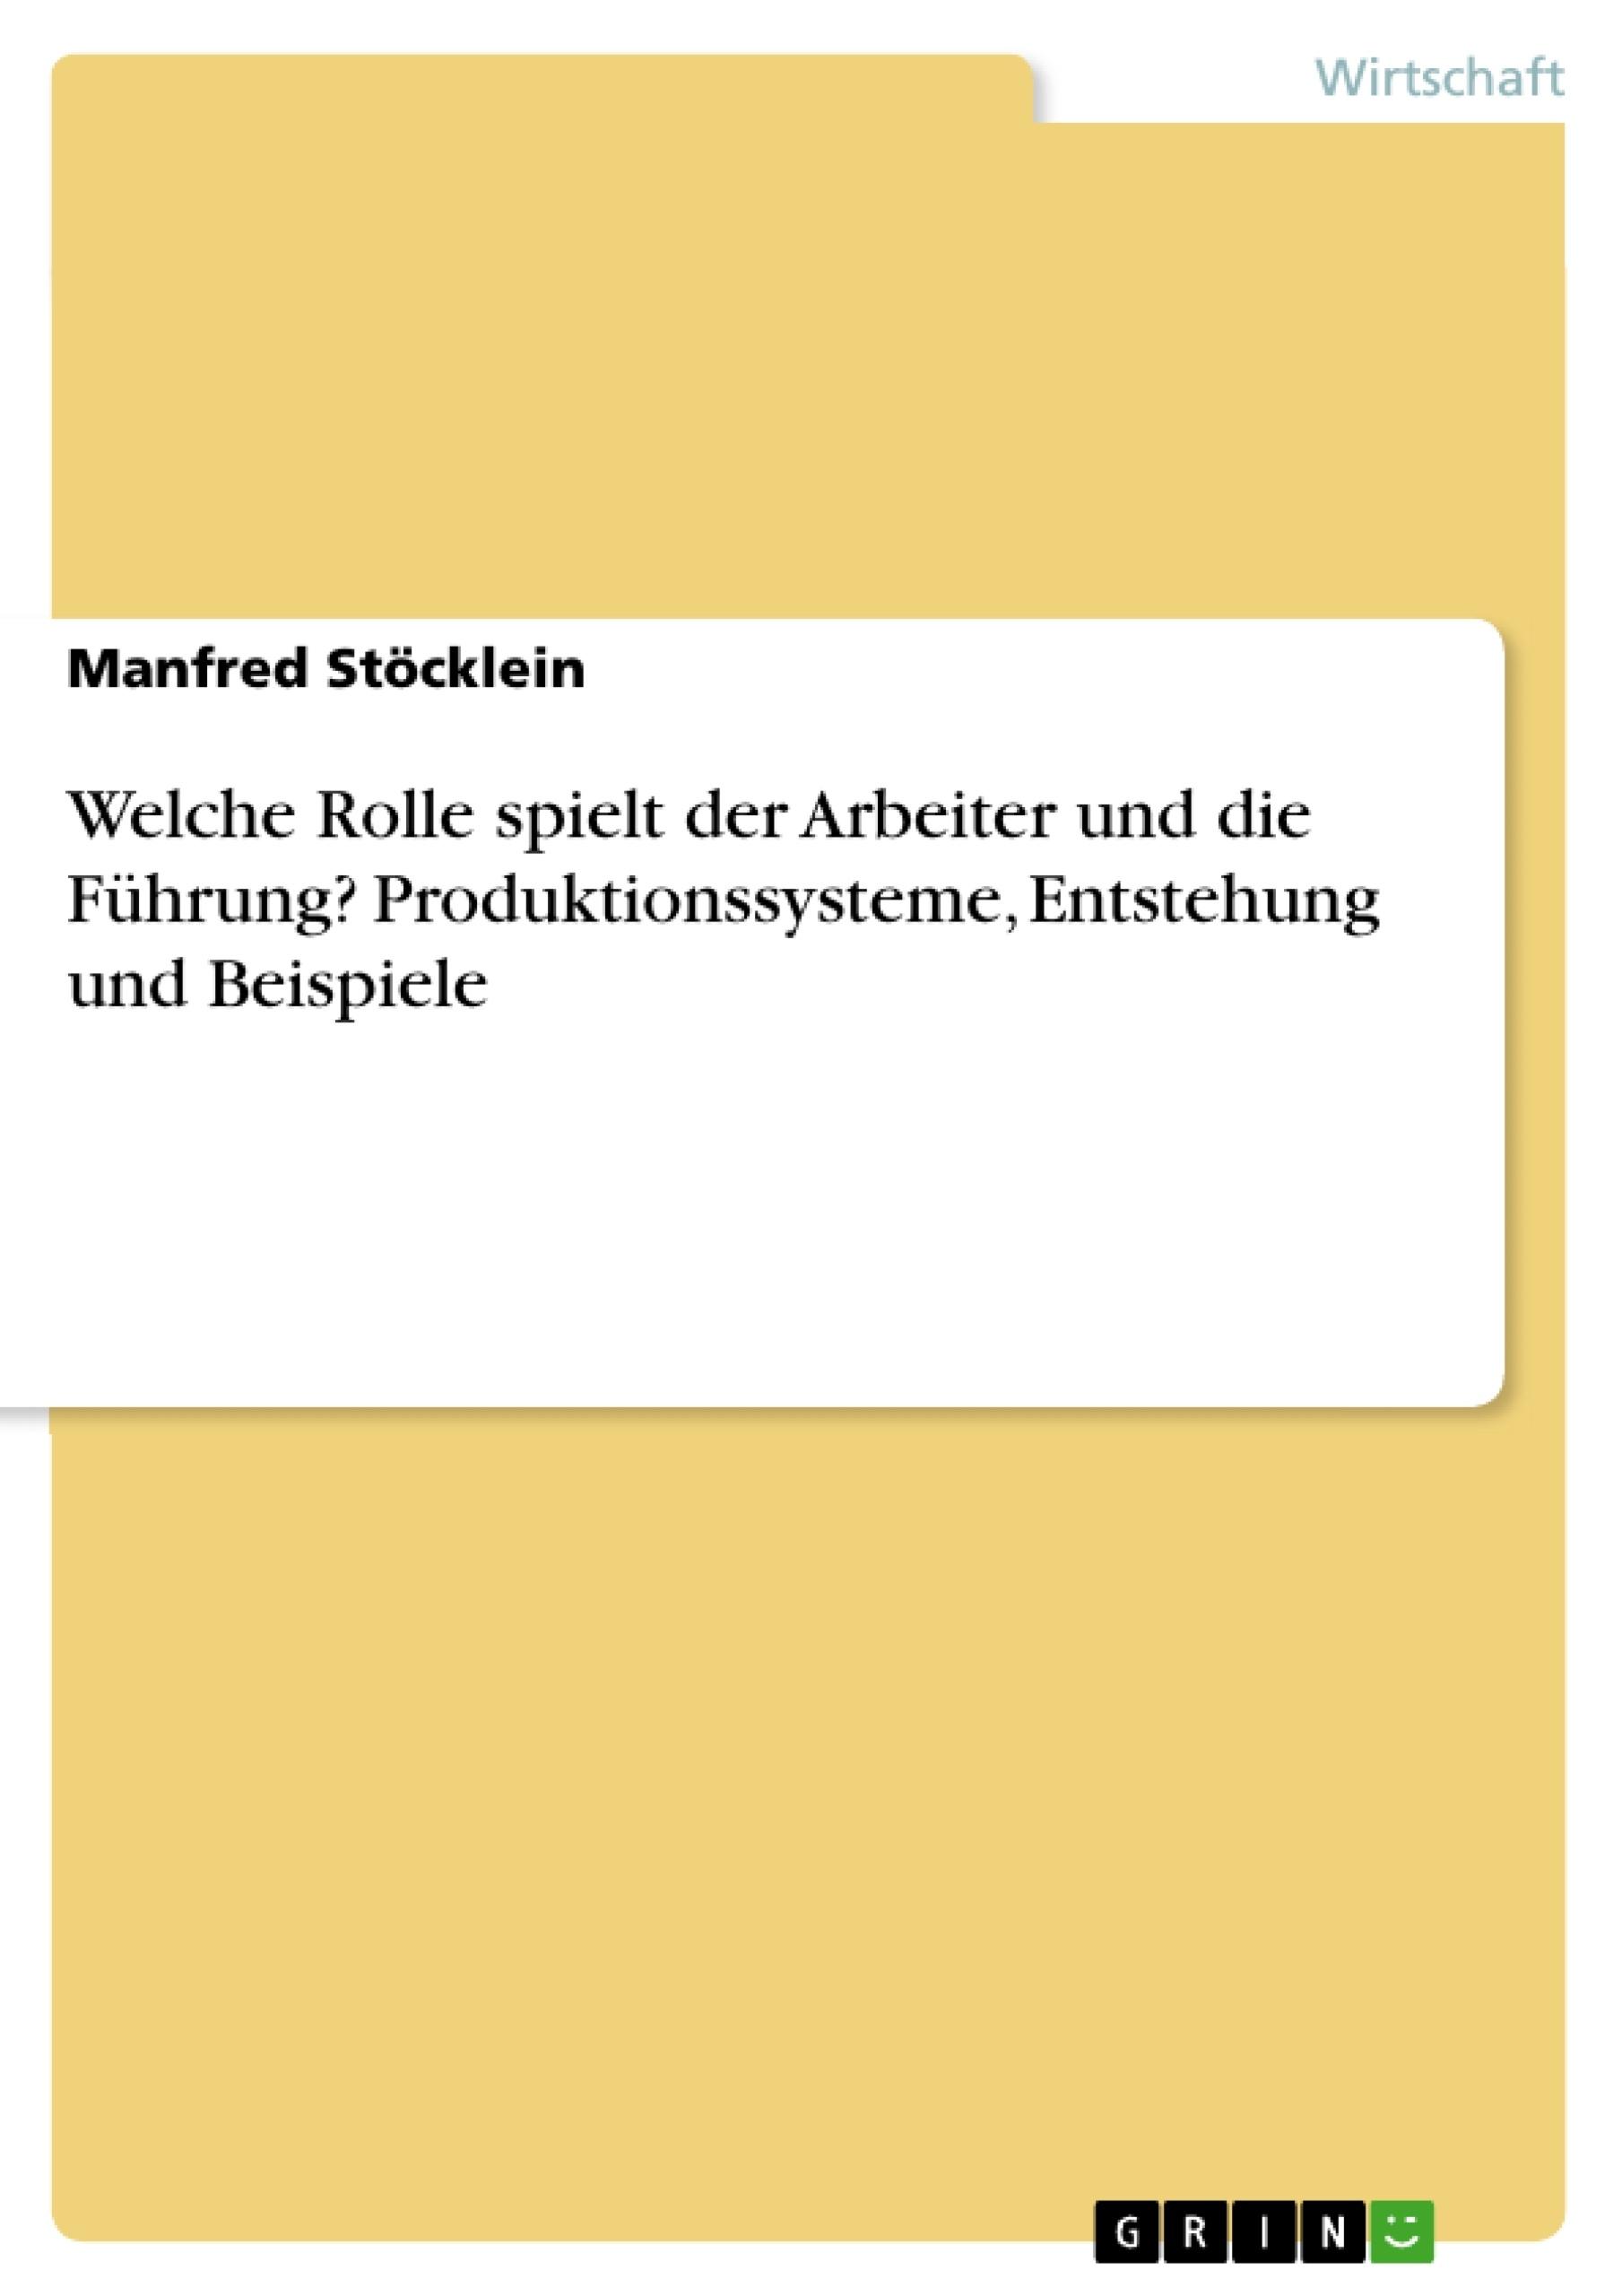 Titel: Welche Rolle spielt der Arbeiter und die Führung? Produktionssysteme, Entstehung und Beispiele